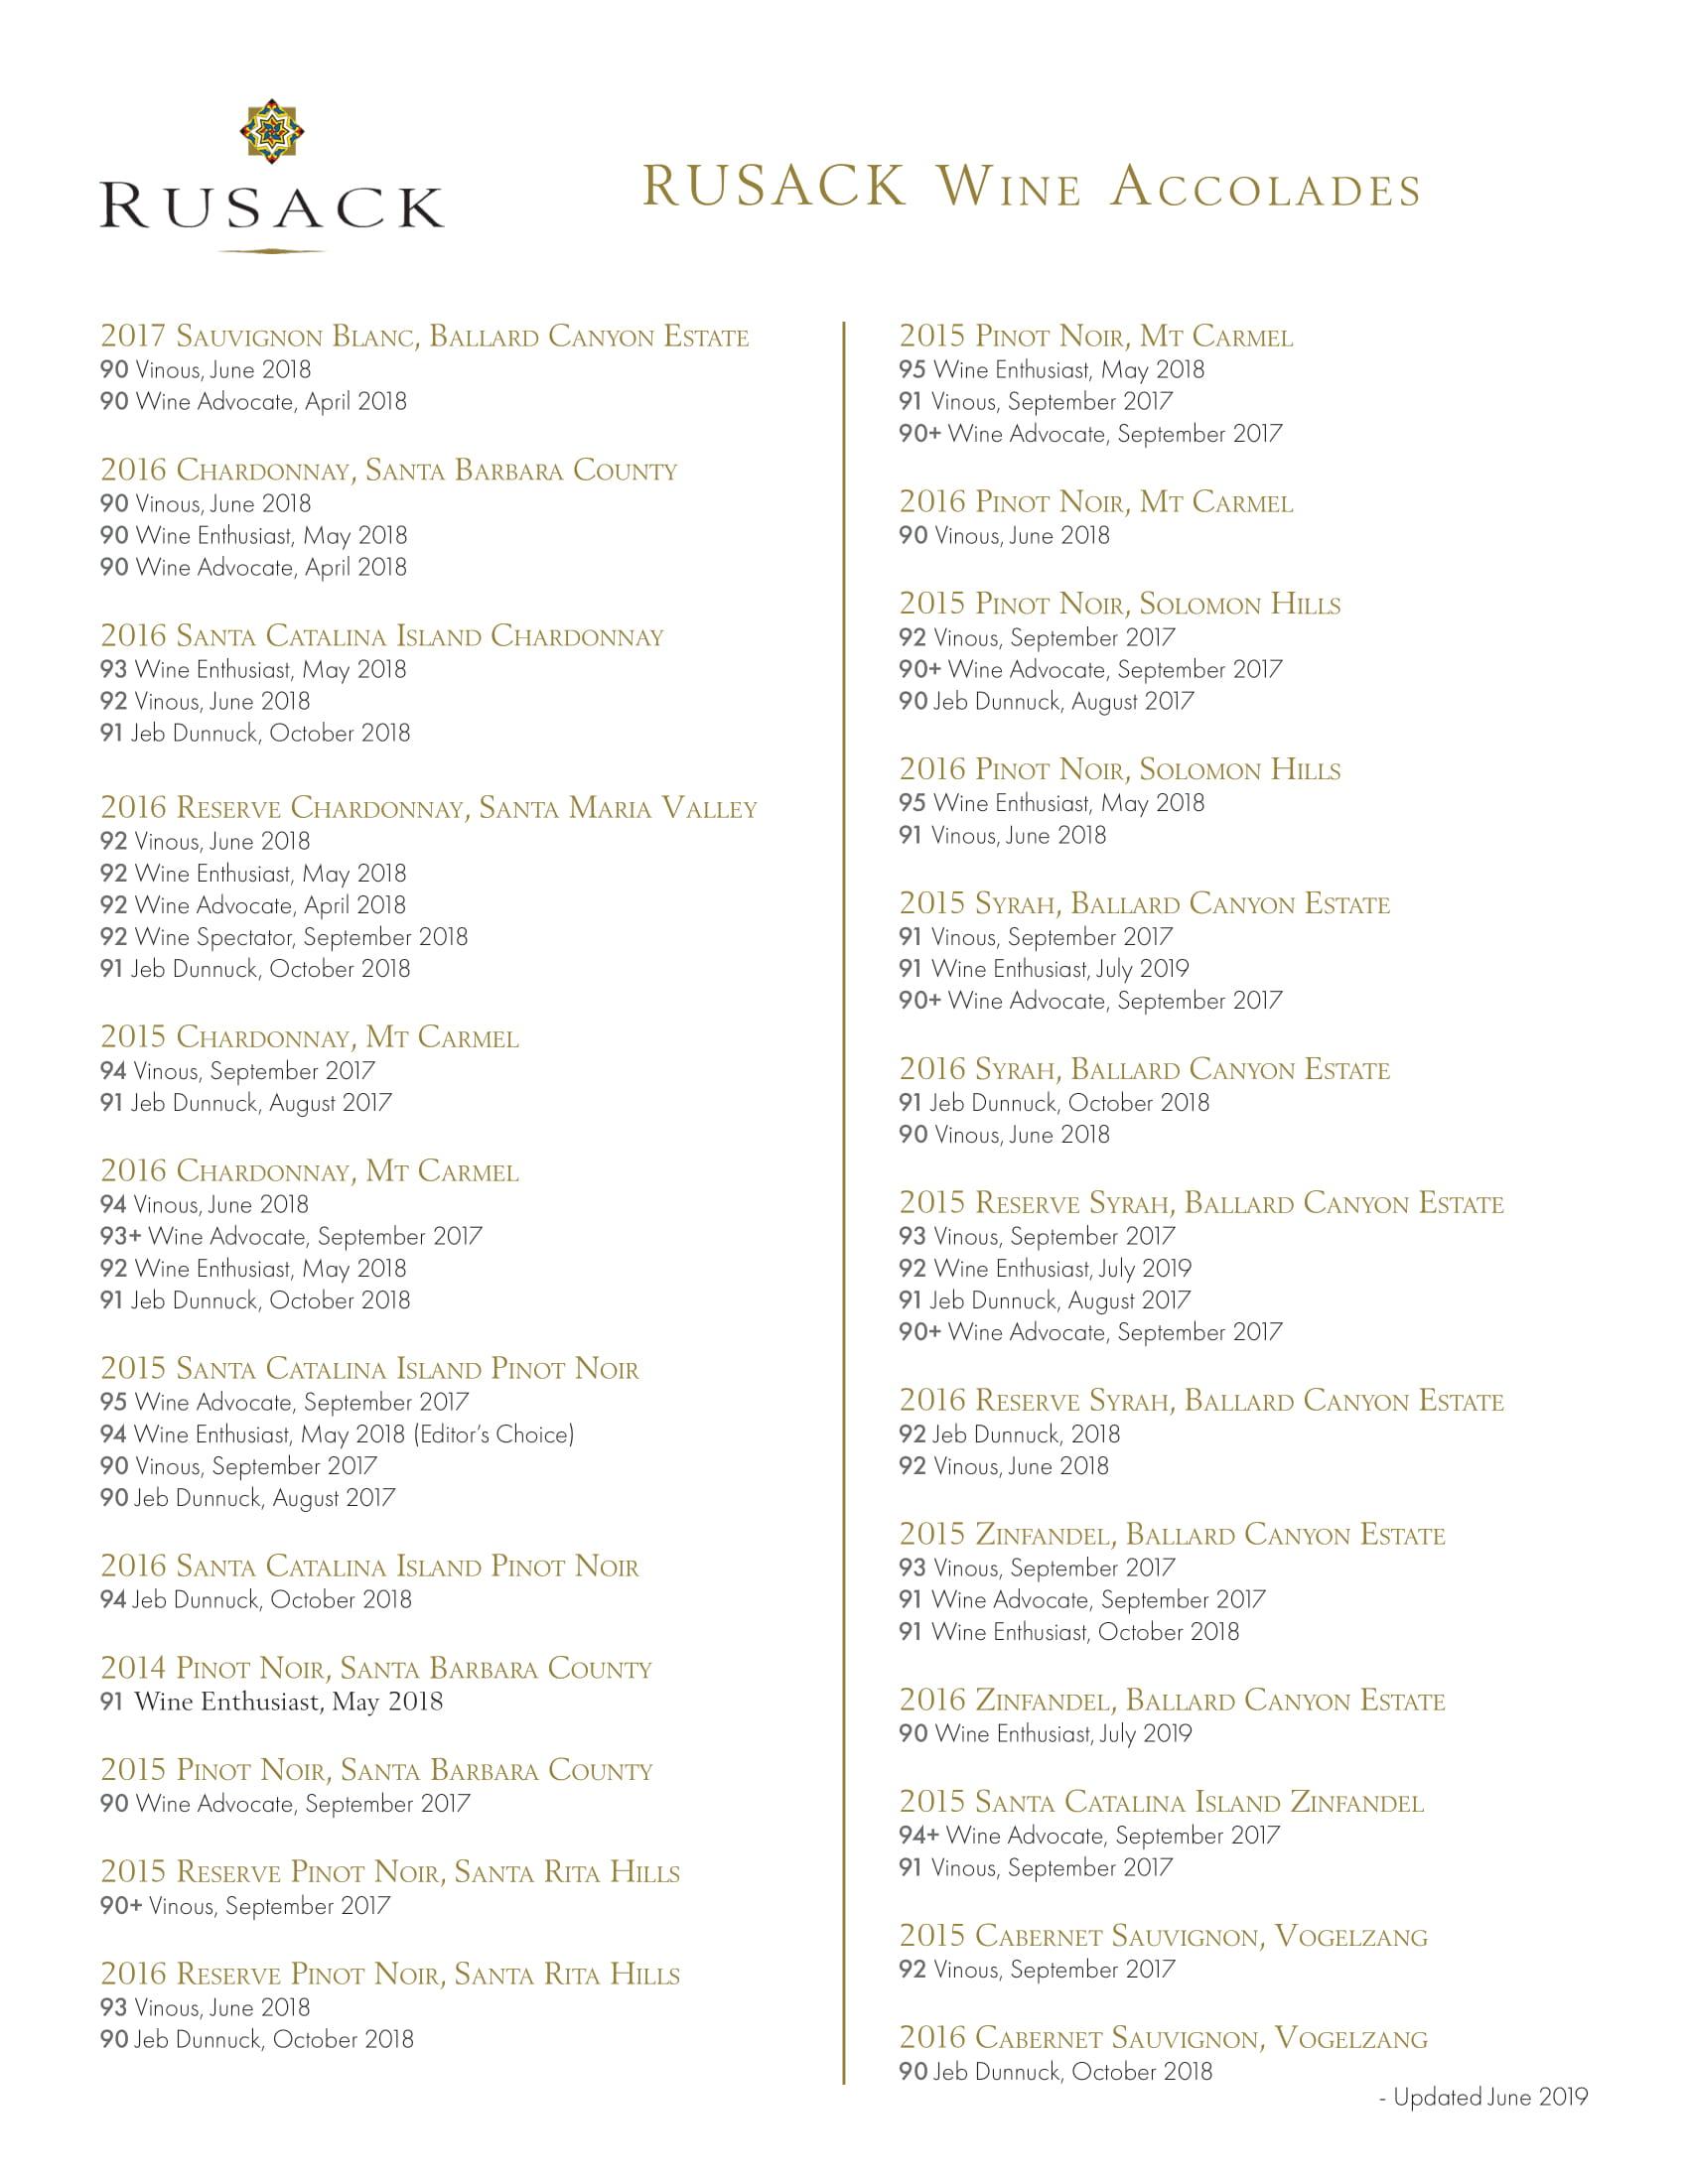 Rusack Vineyards Accolade Sheet